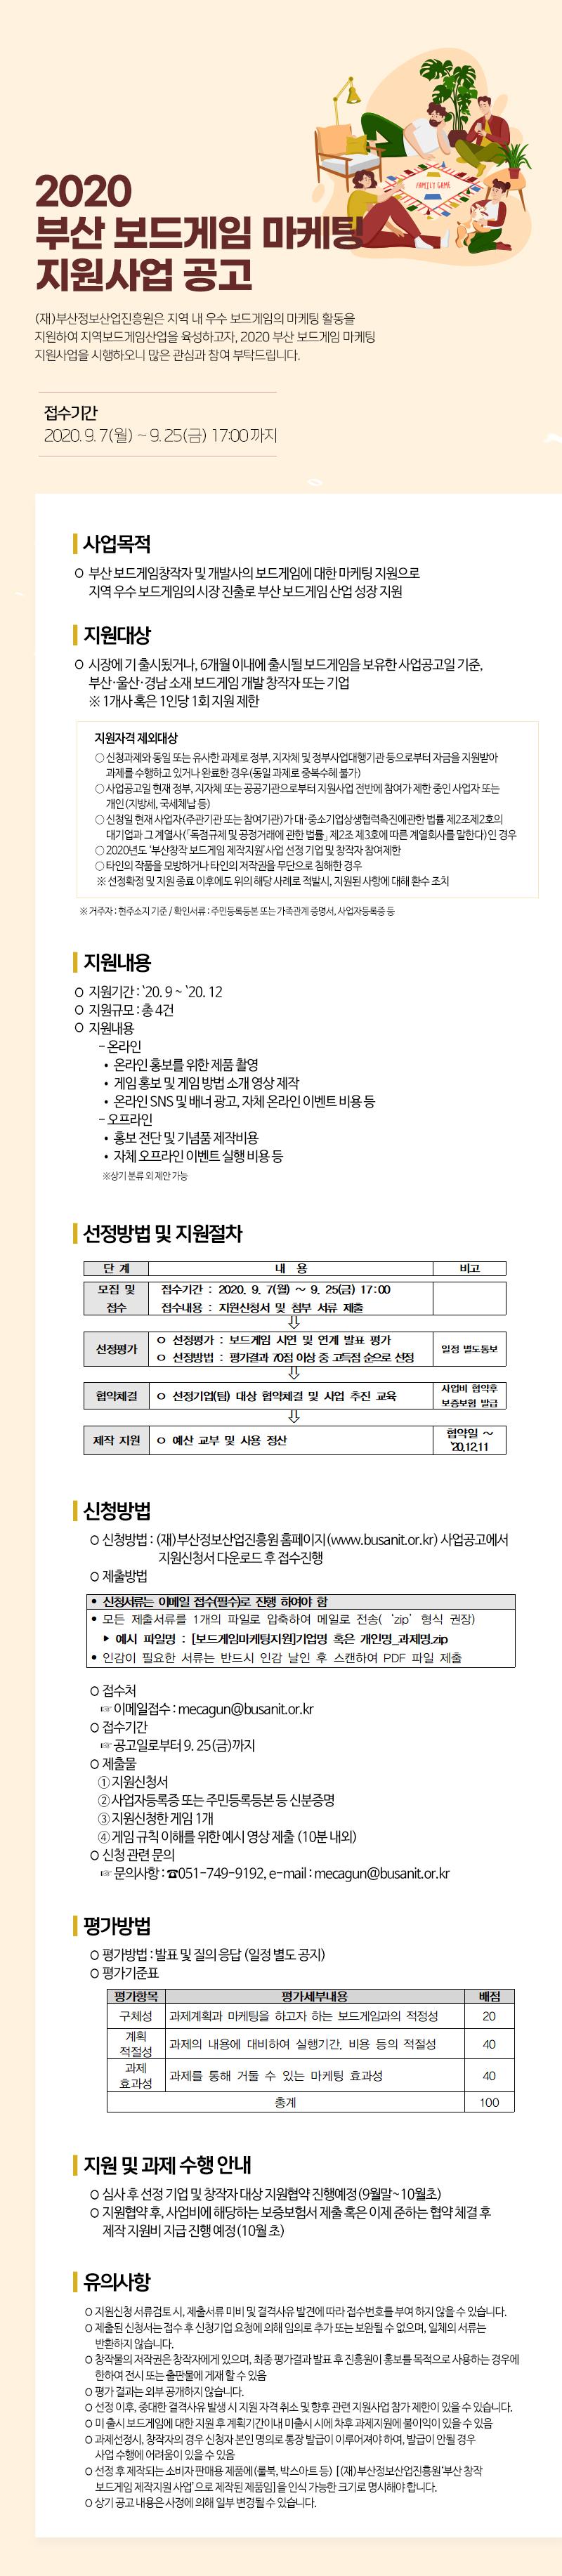 2020 부산 보드게임 마케팅 지원사업 공고